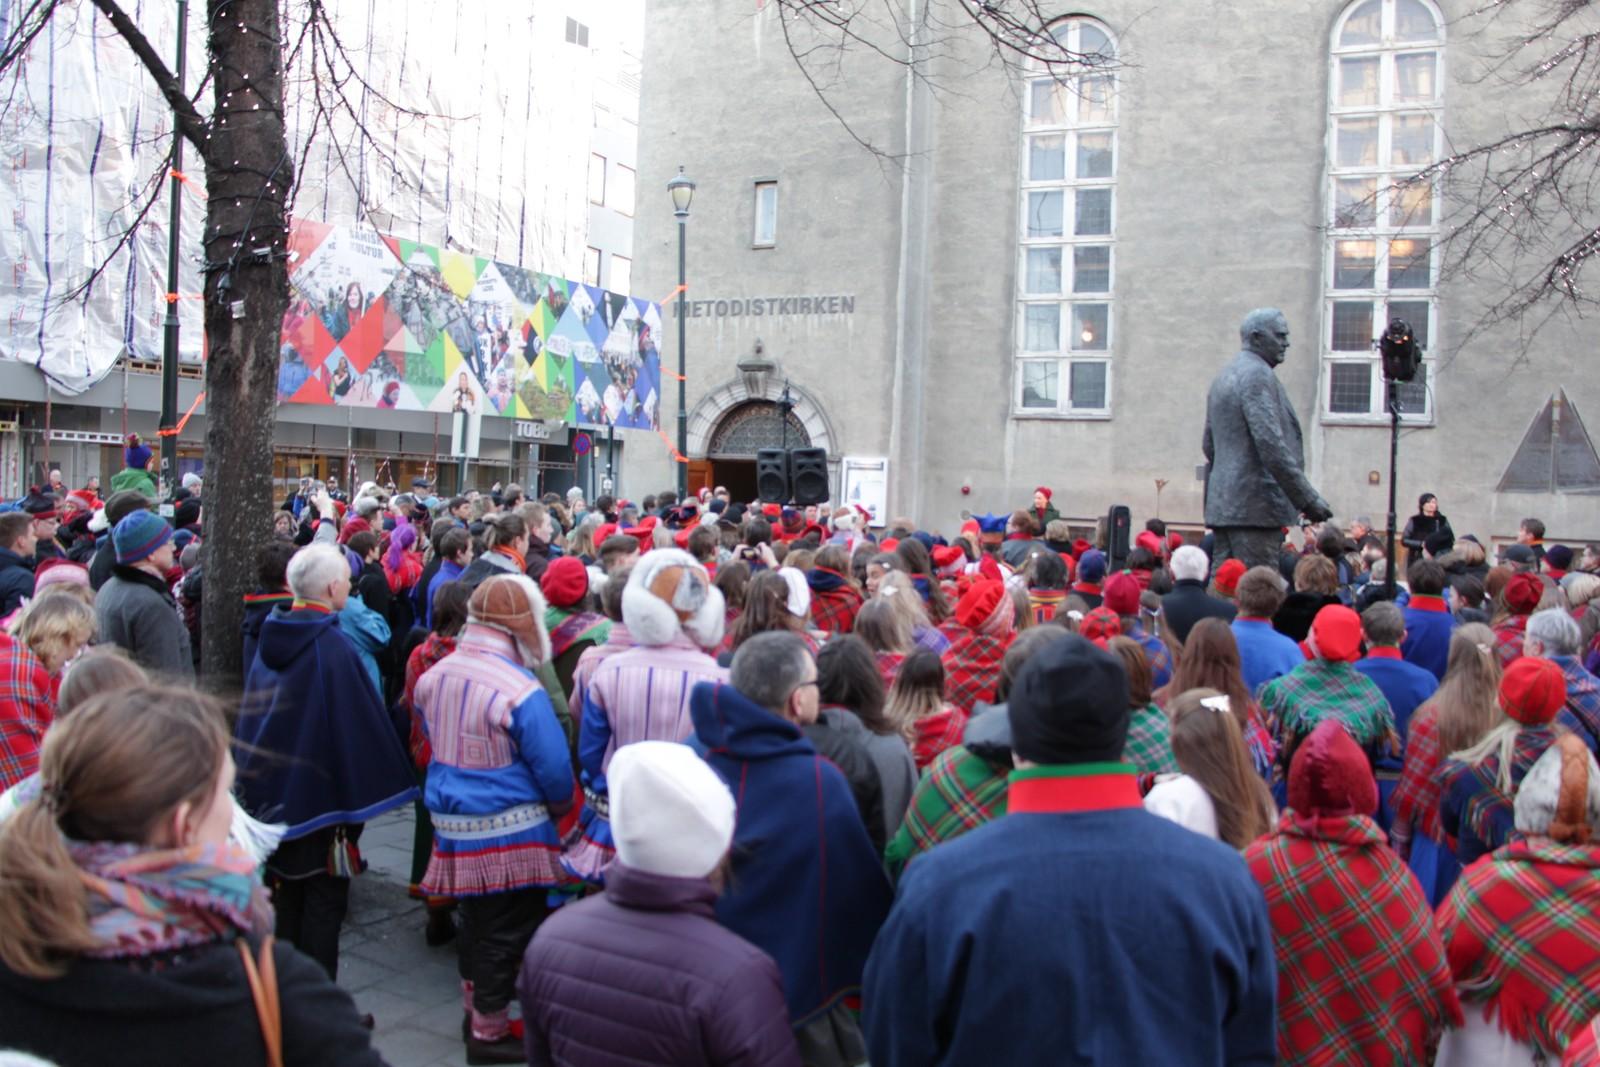 Folkeansamlingen utenfor Metodistkirken.